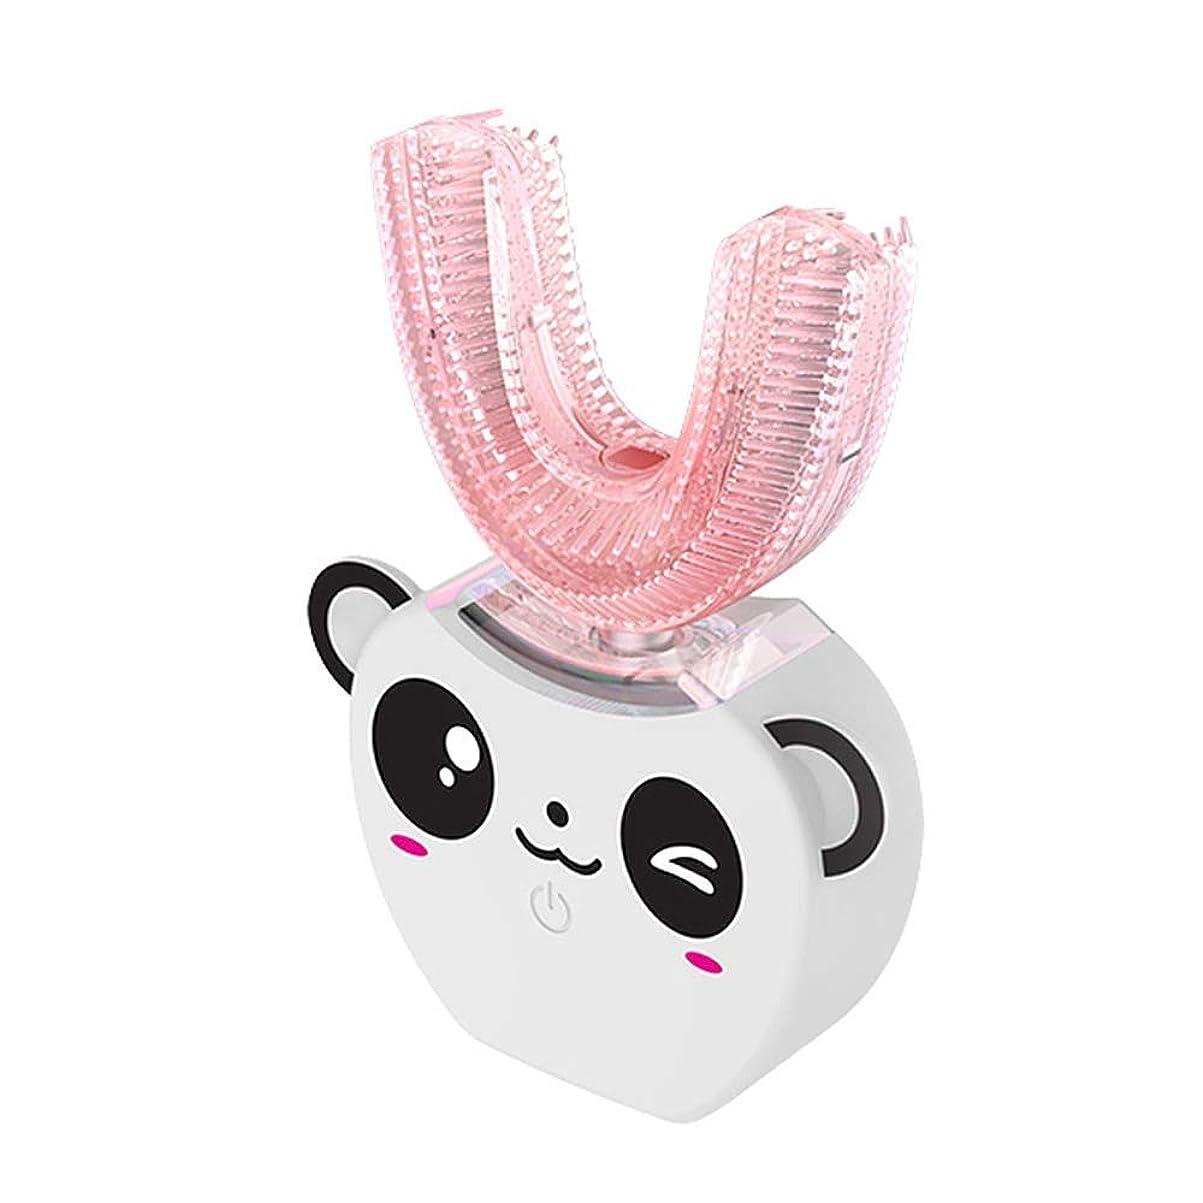 短命ささいな段階自動子供の電動歯ブラシ、子供のためのUタイプで泡立つ360度ブラッシングホワイトニング、5年,White